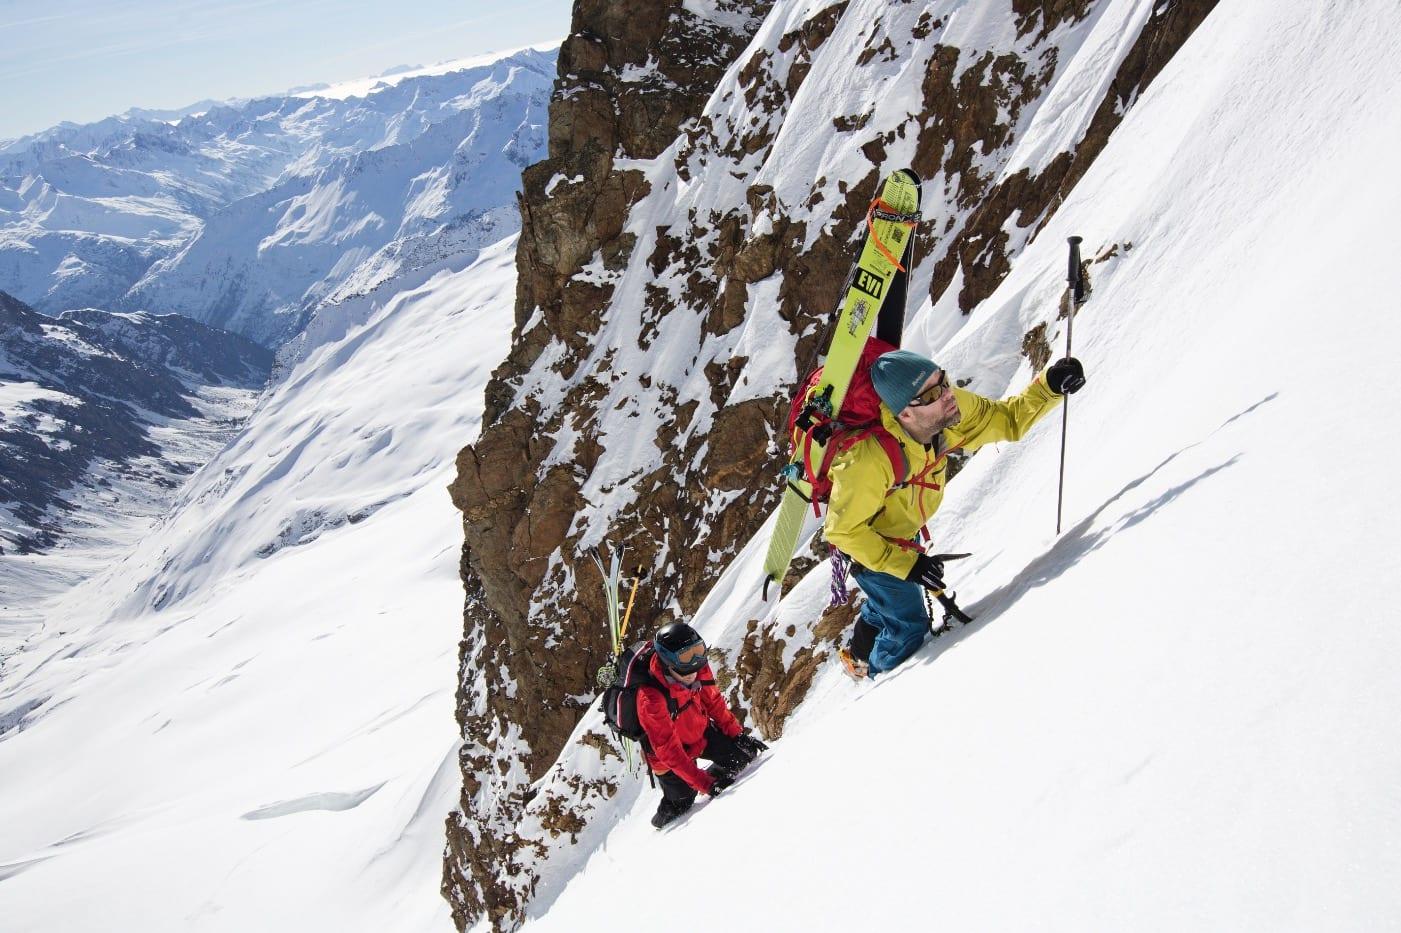 SNARVEI: Når man klatrer Sustenhorn fra Voralphütte er det en snarvei å dra rett over breen og klatre (i snø) de siste cirka 100 høydemeterne.